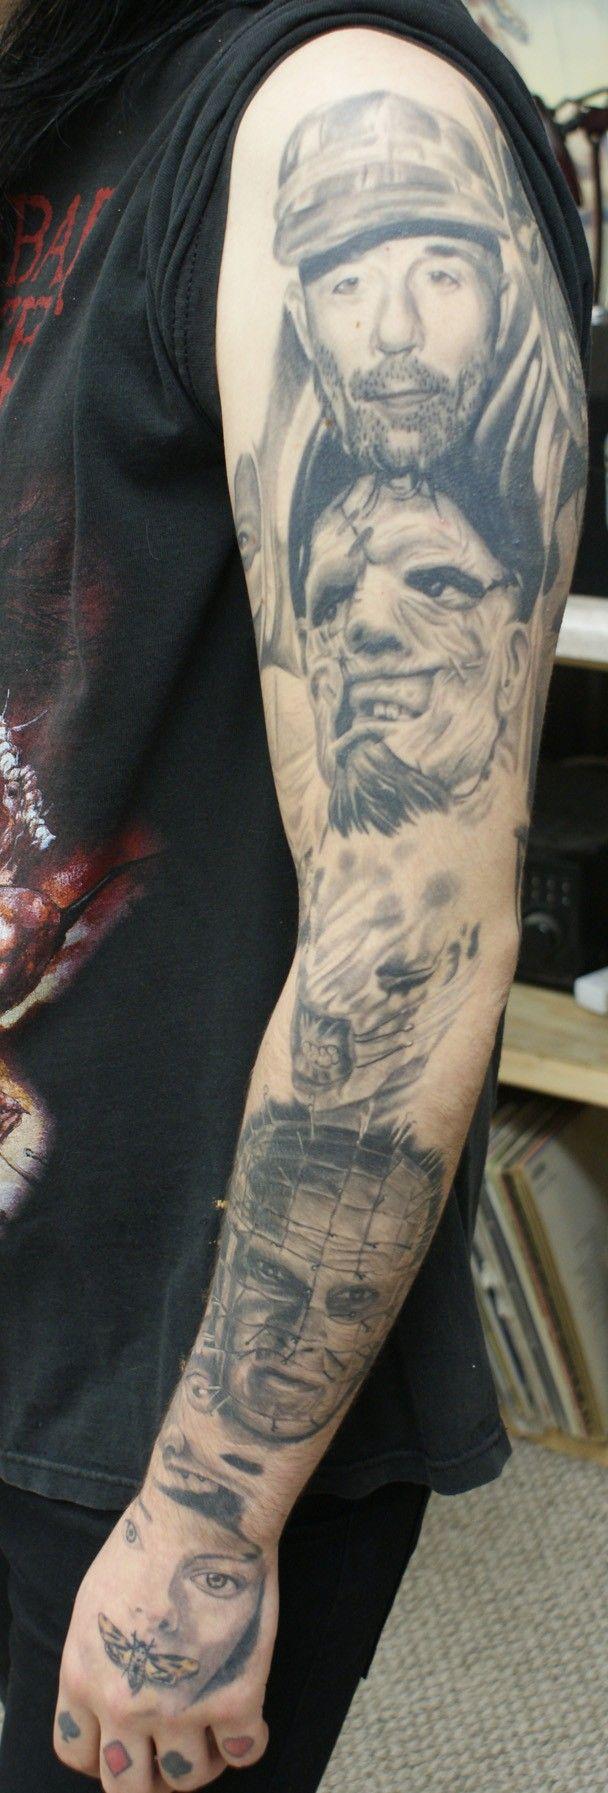 horror portrait sleeve best portrait tattoo artist tampa 1603 tattoo ...